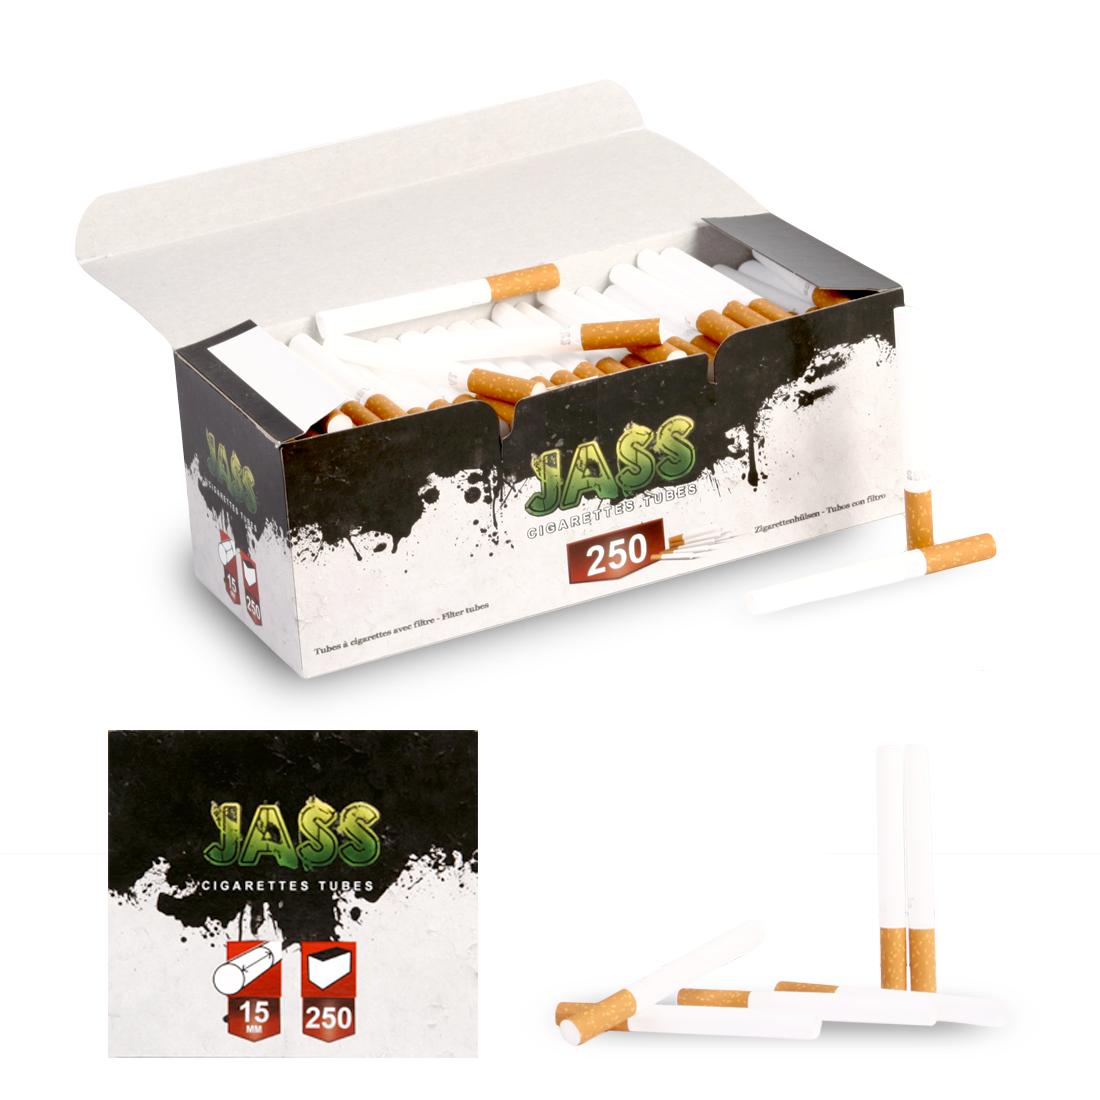 tubes à cigarettes jass